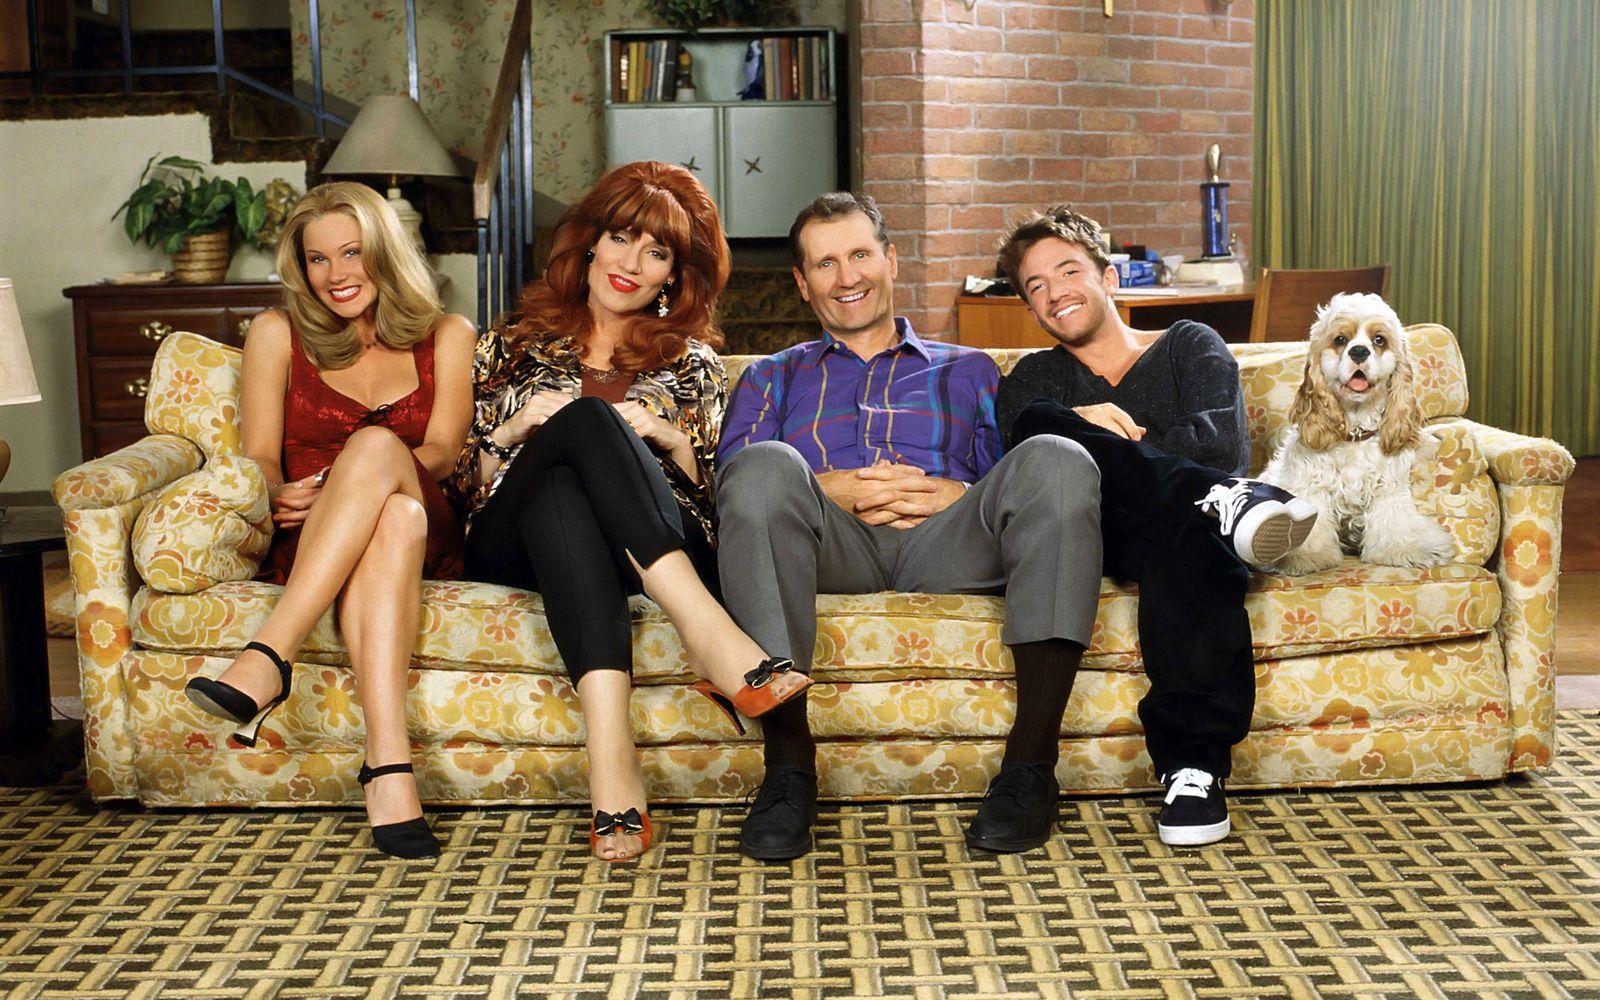 Dlaczego tak bardzo kochamy sitcomy?